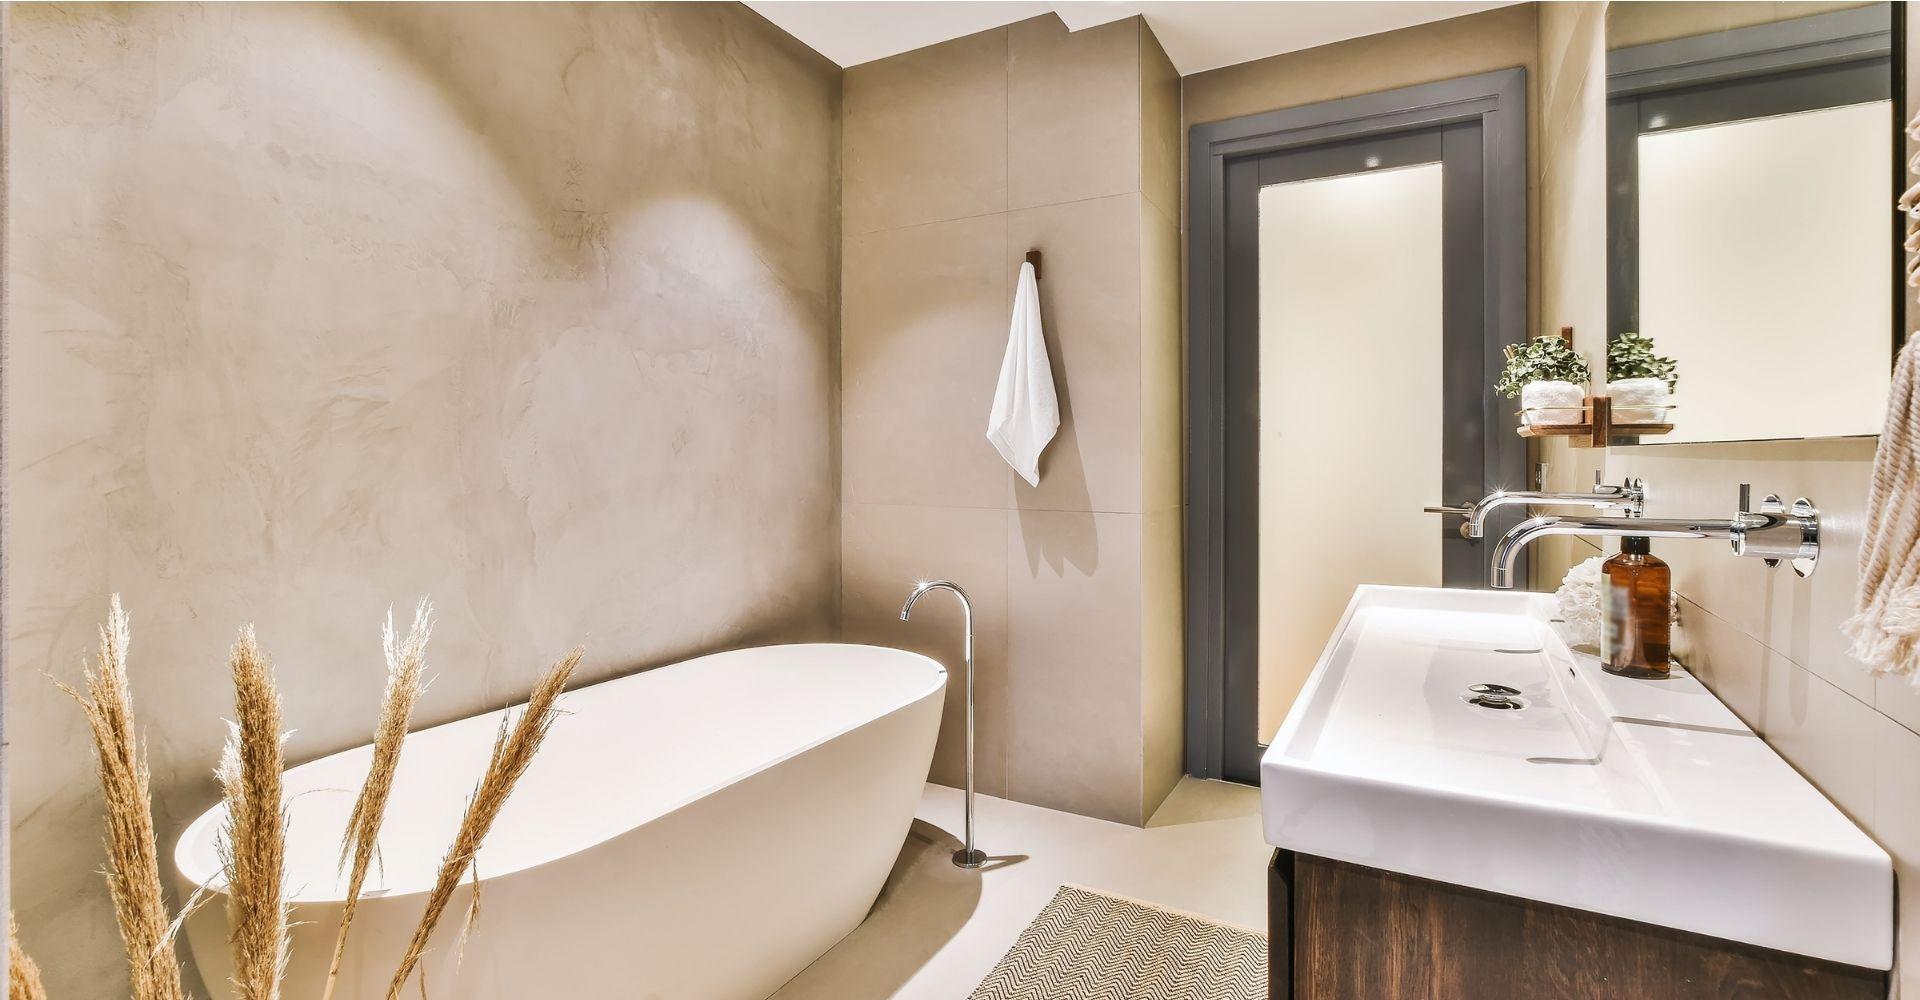 Betonlook in de badkamer